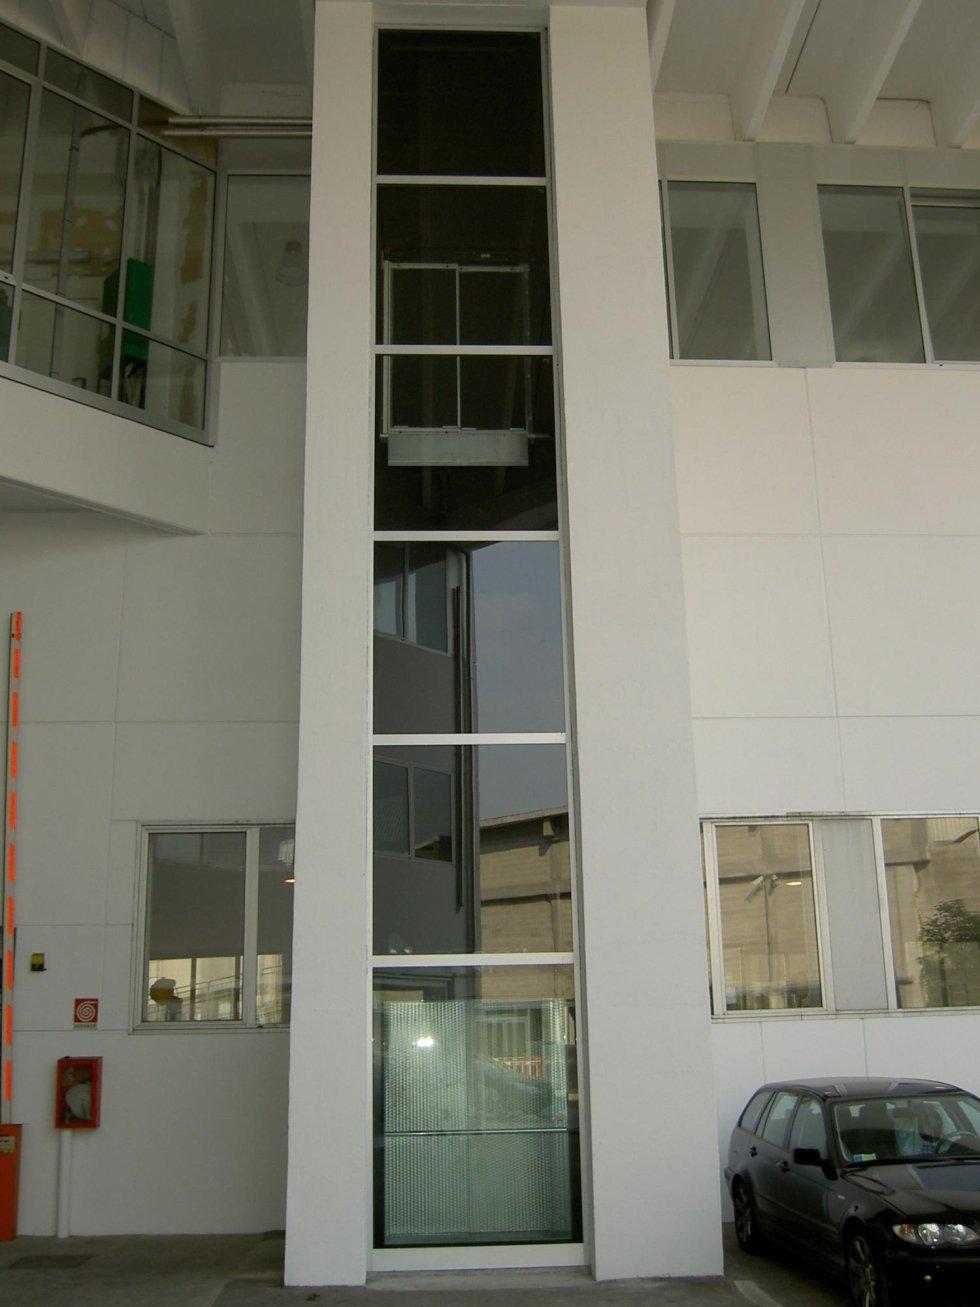 vista esterna di un edificio con ascensore in vetro e finestre in vetro e una macchina parcheggiata